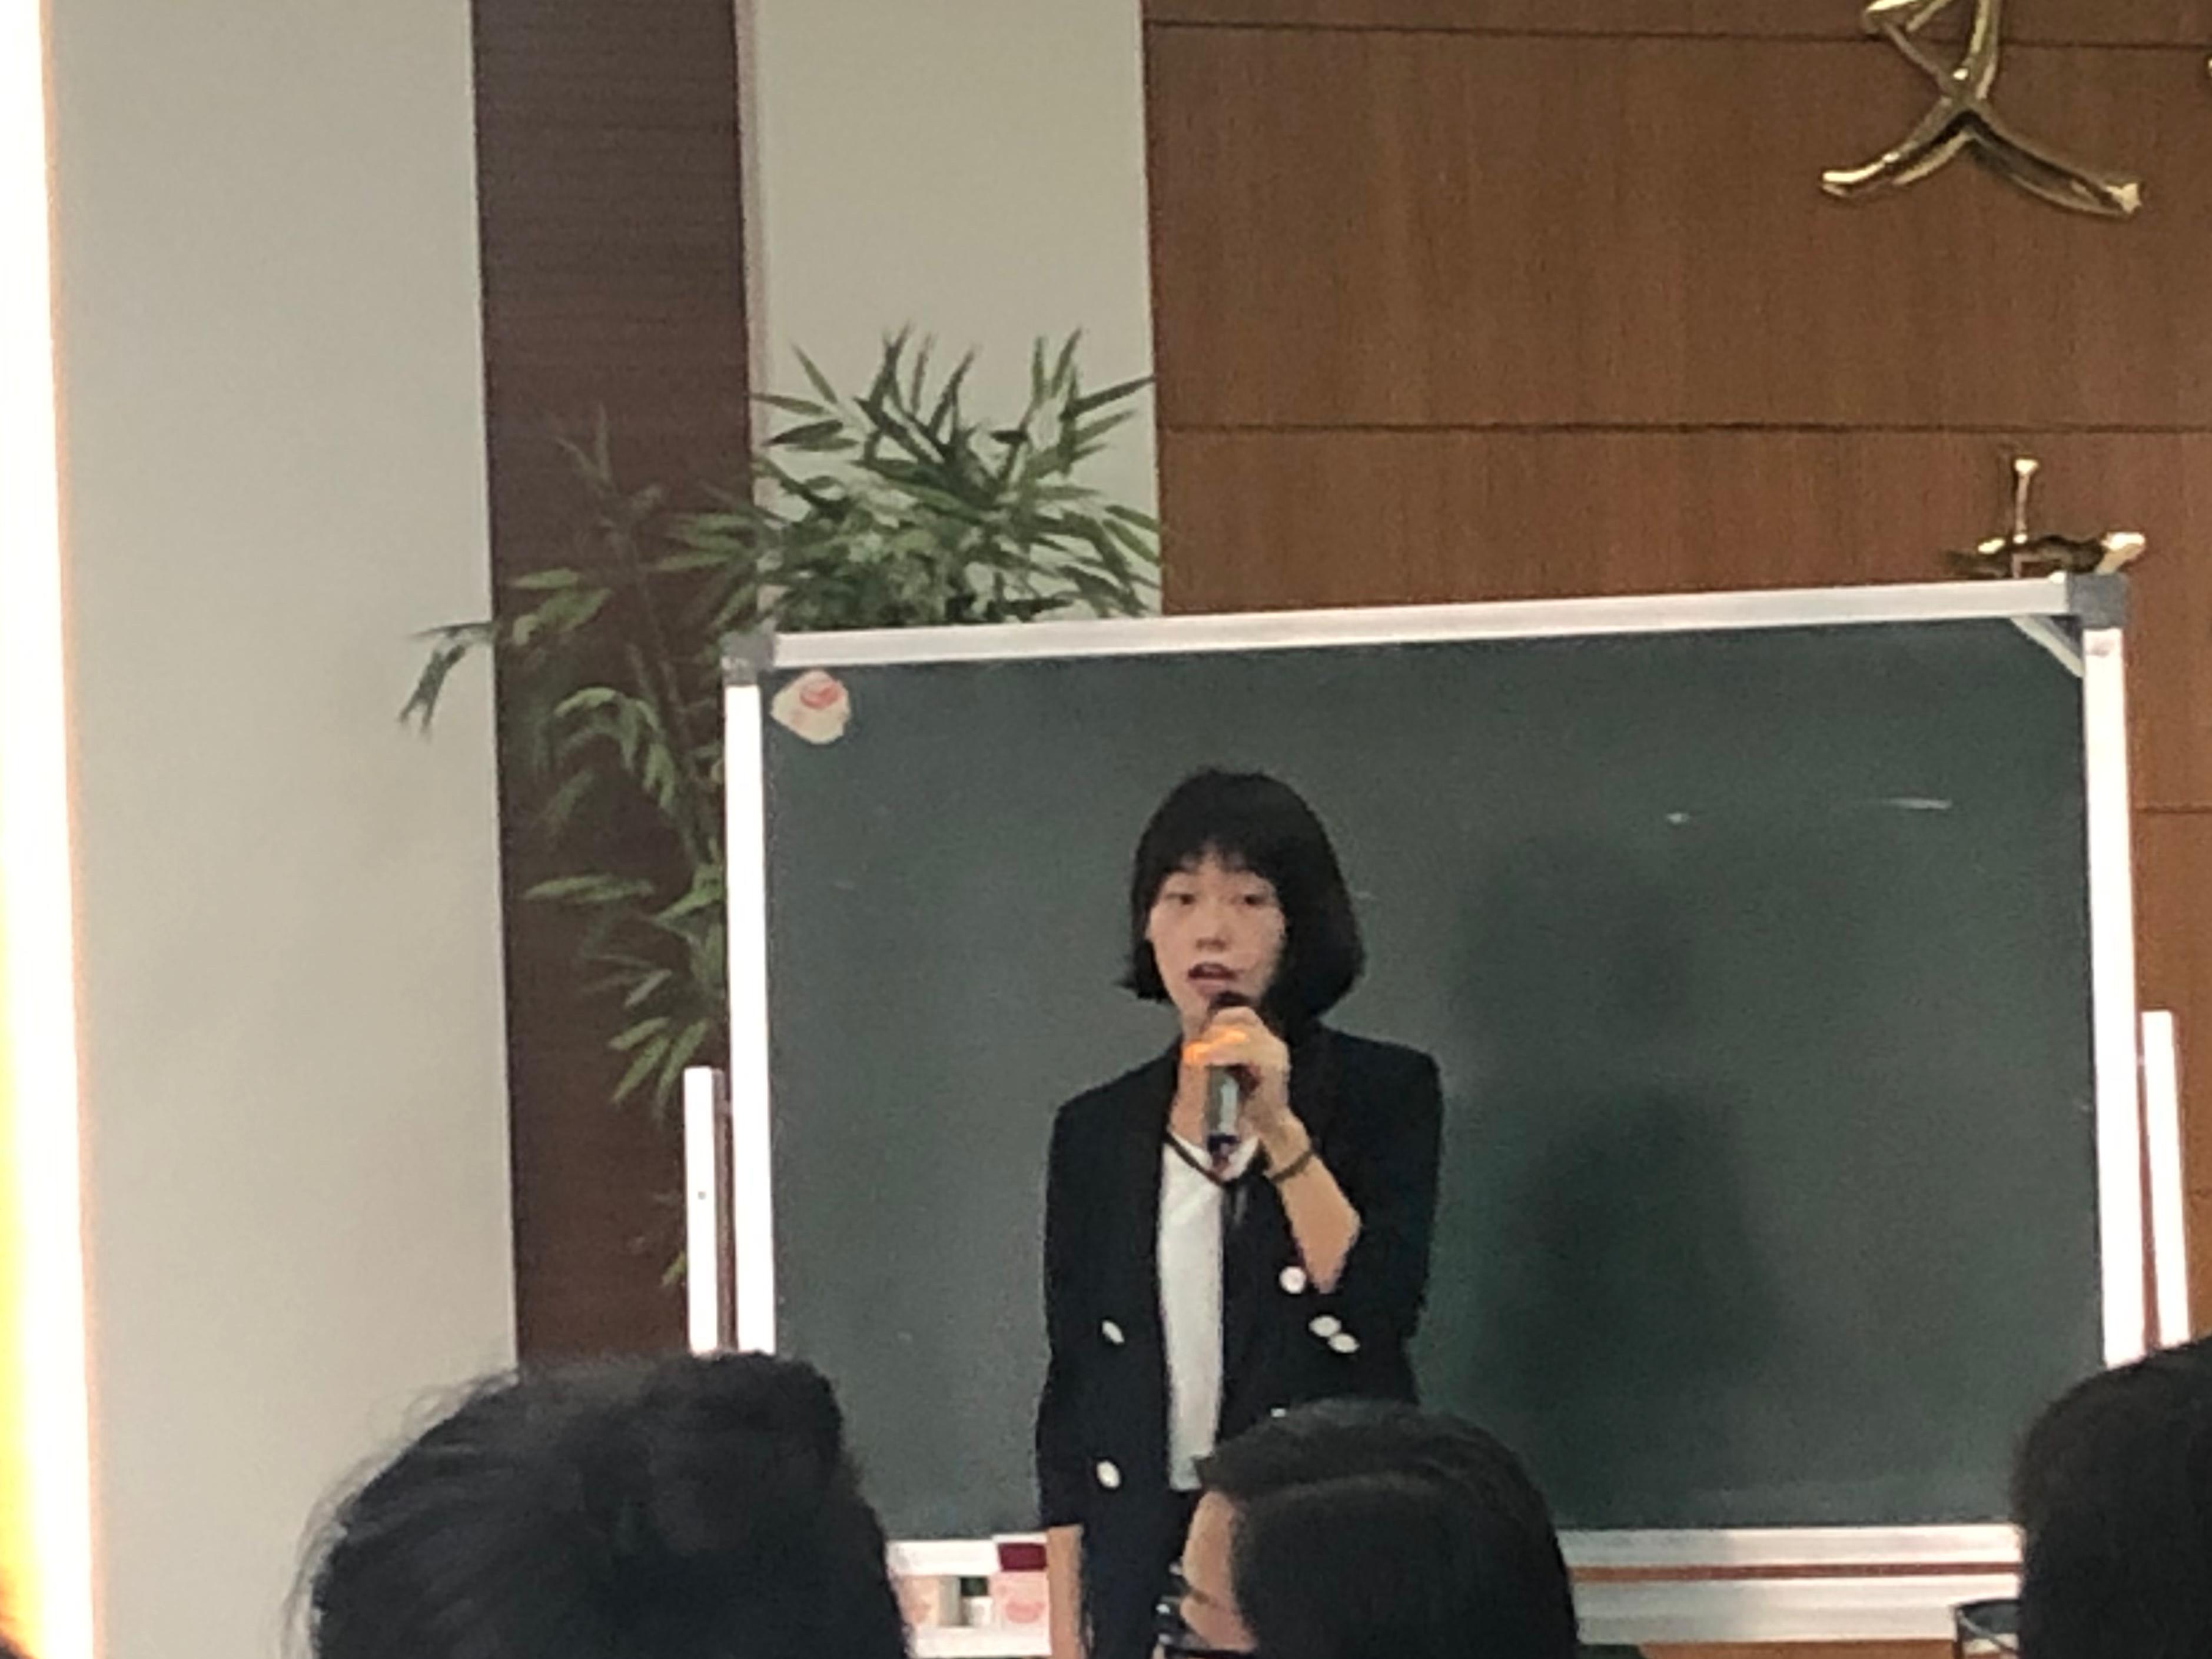 云南师范大学文理学院举办2019年青年教师教学技能竞赛